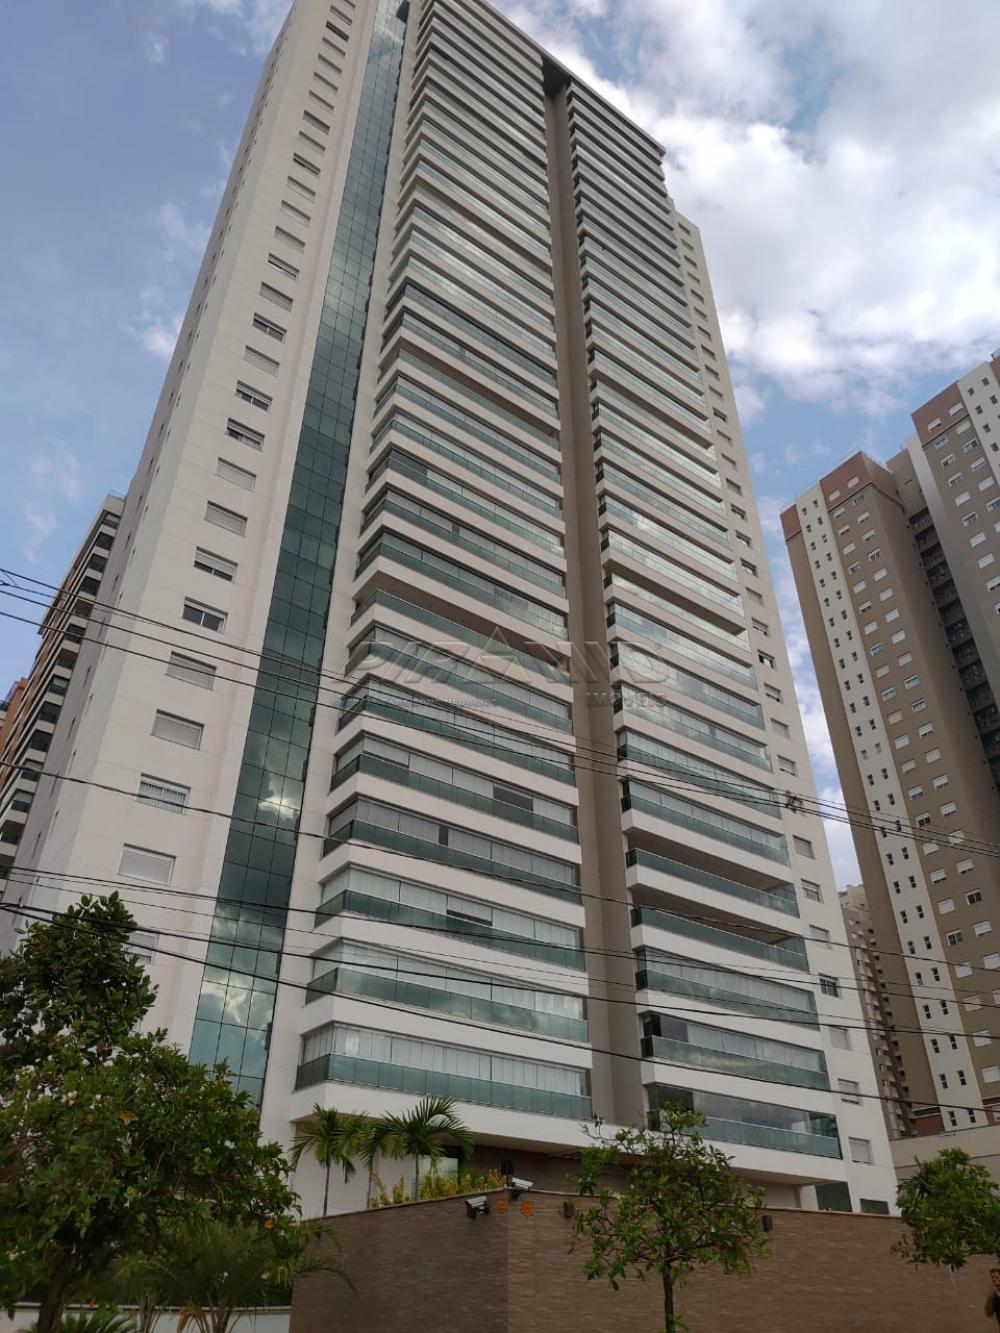 Comprar Apartamento / Padrão em Ribeirão Preto R$ 2.650.000,00 - Foto 4